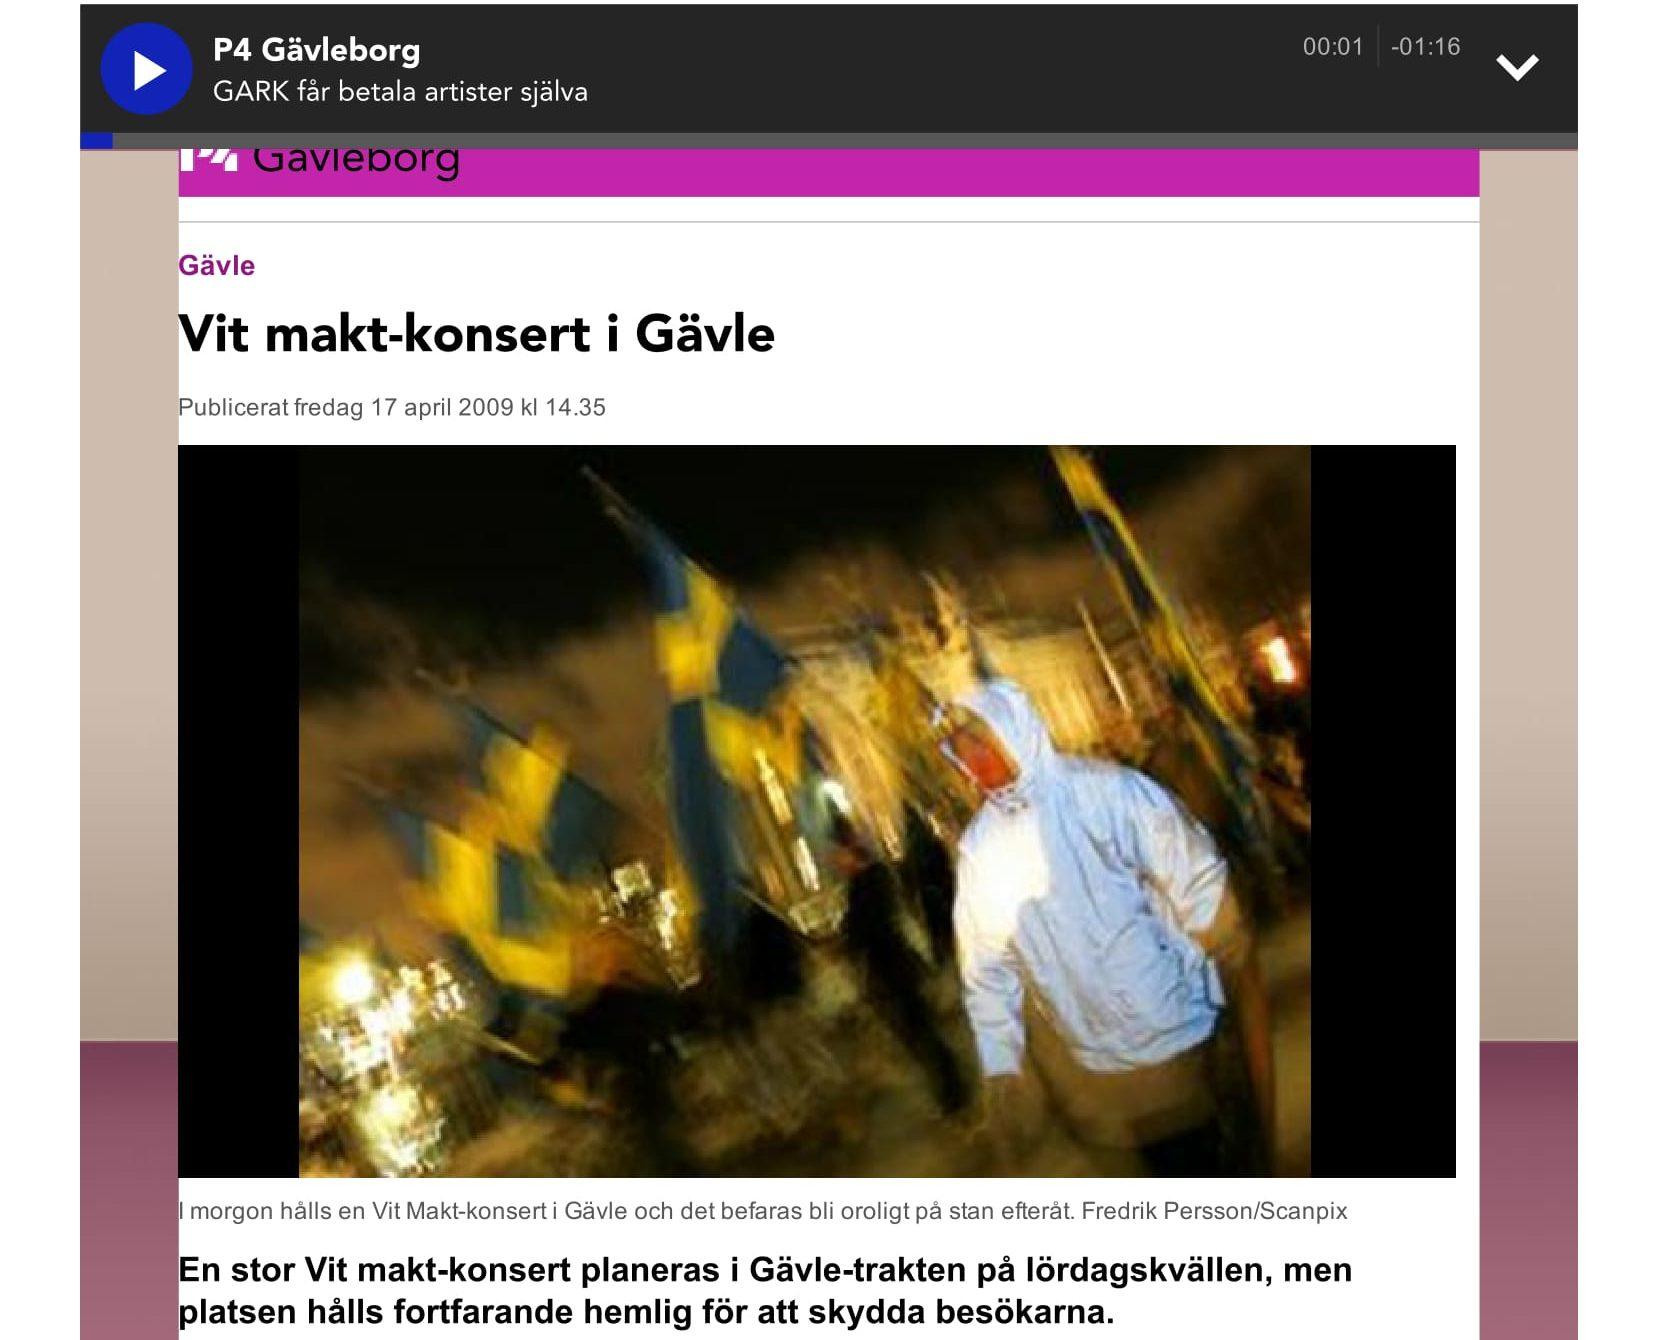 vit-makt-konsert-i-gavle-p4-gavleborg-_-sveriges-radio-1